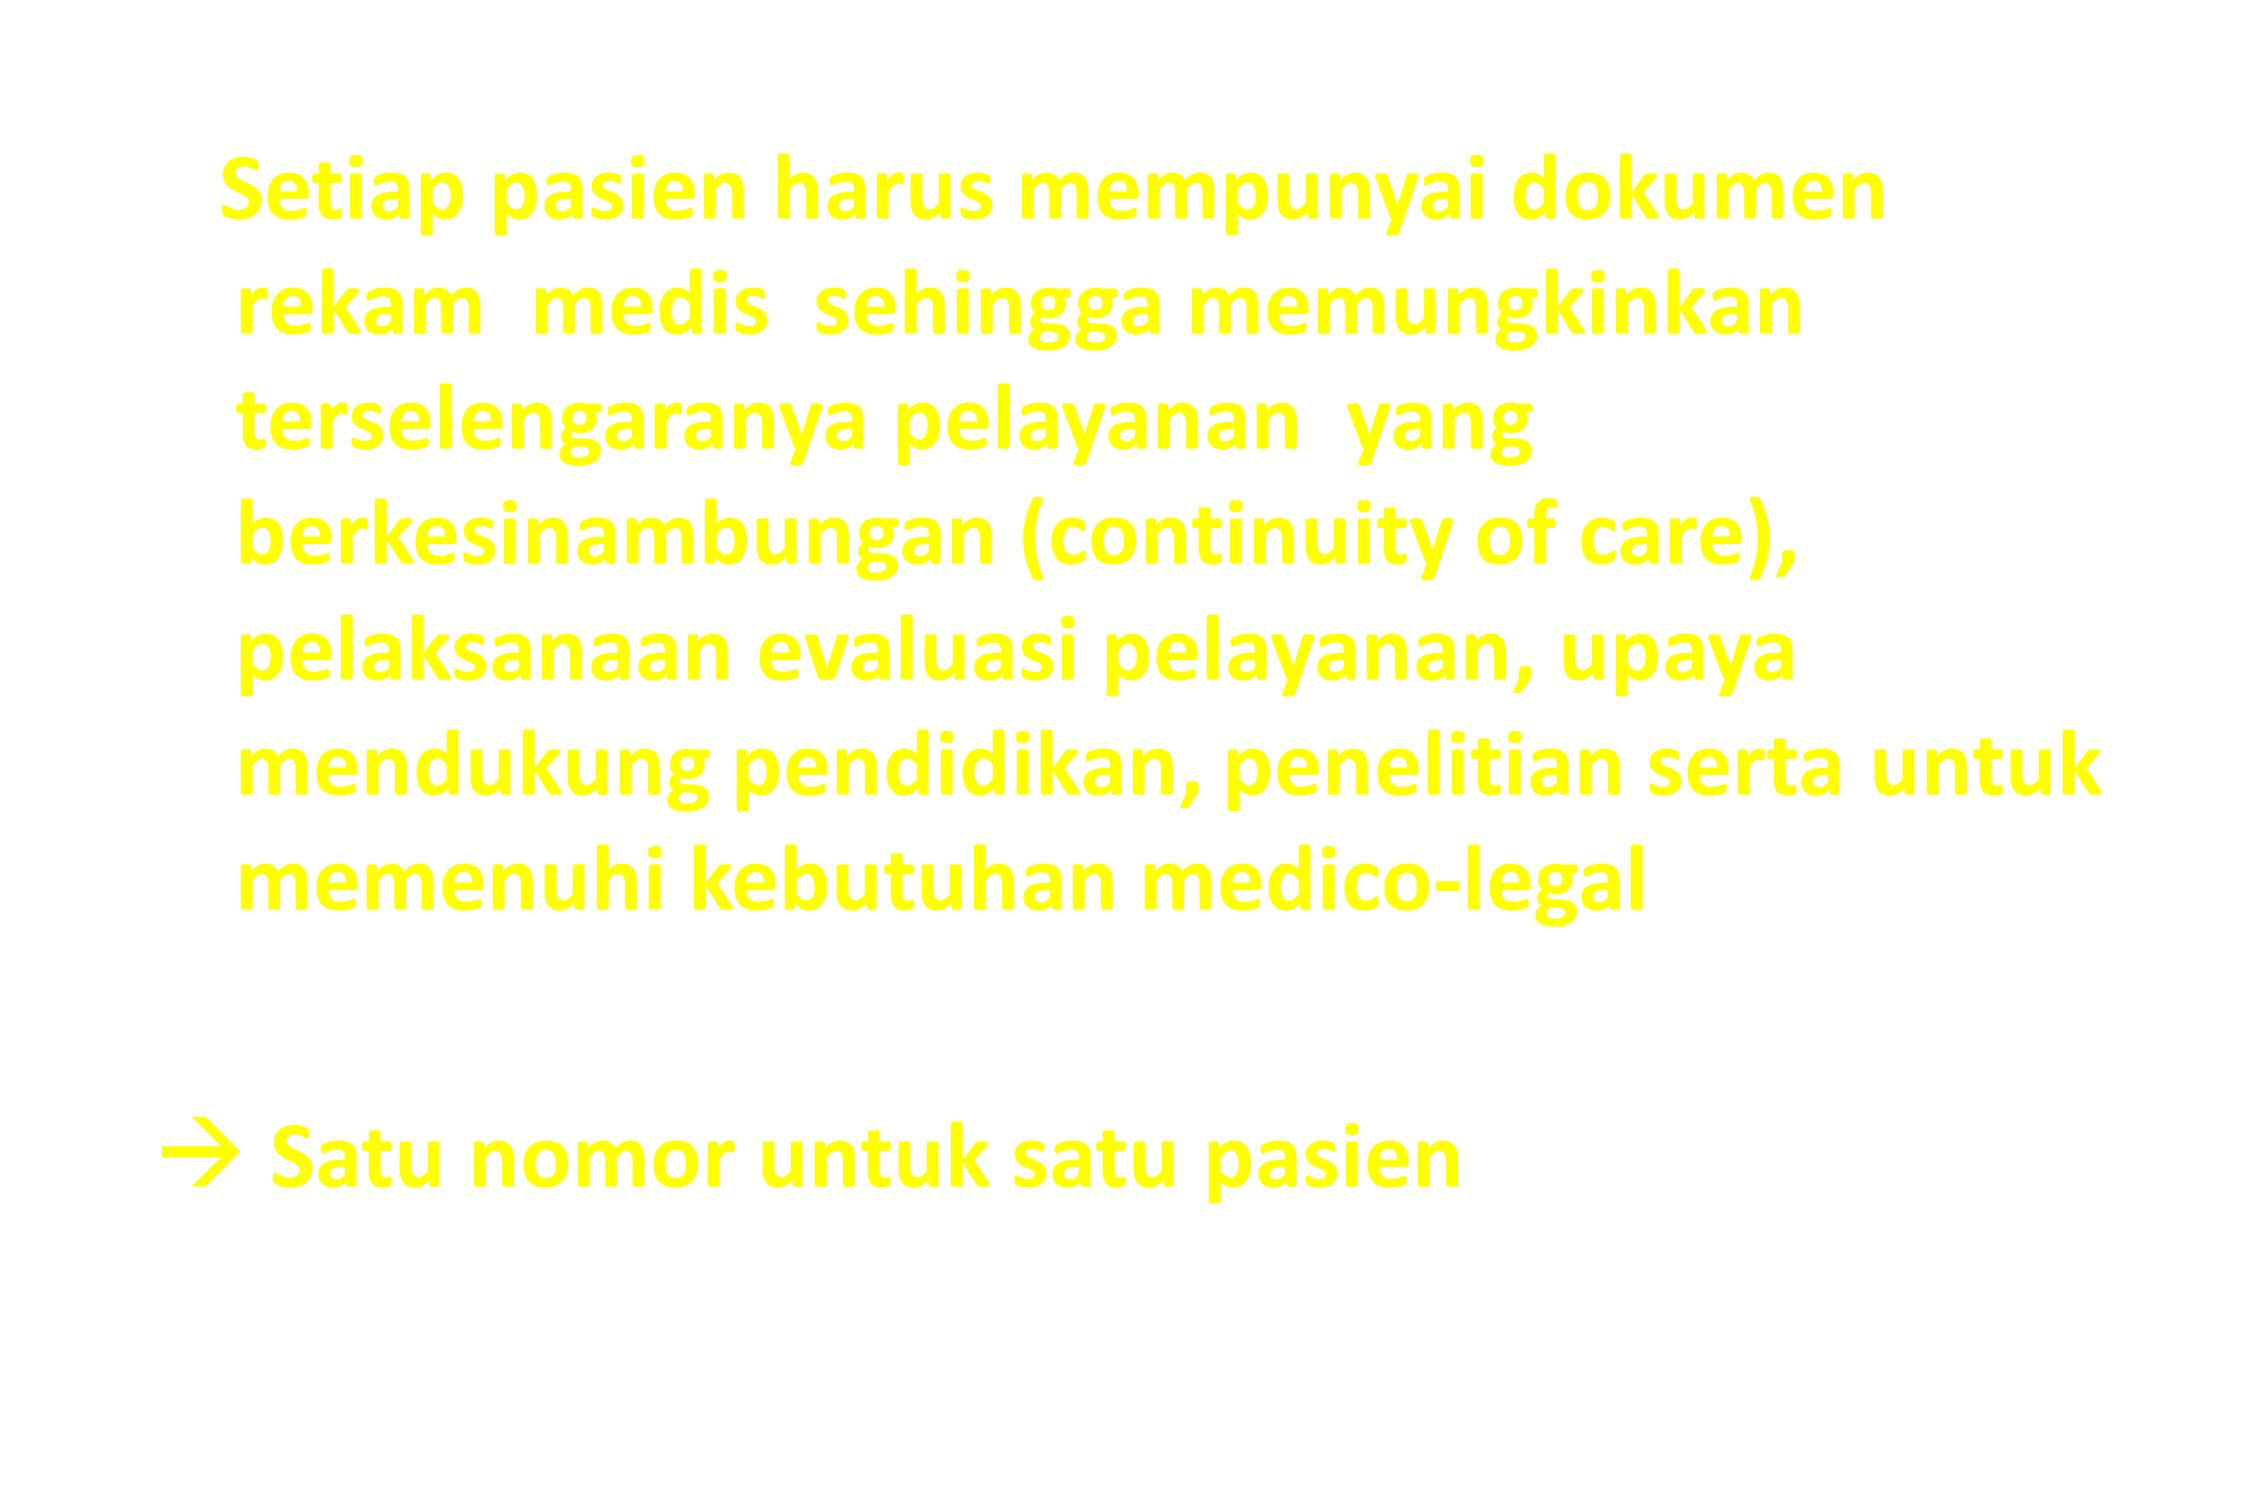 Setiap pasien harus mempunyai dokumen rekam medis sehingga memungkinkan terselengaranya pelayanan yang berkesinambungan (continuity of care), pelaksanaan evaluasi pelayanan, upaya mendukung pendidikan, penelitian serta untuk memenuhi kebutuhan medico-legal  Satu nomor untuk satu pasien